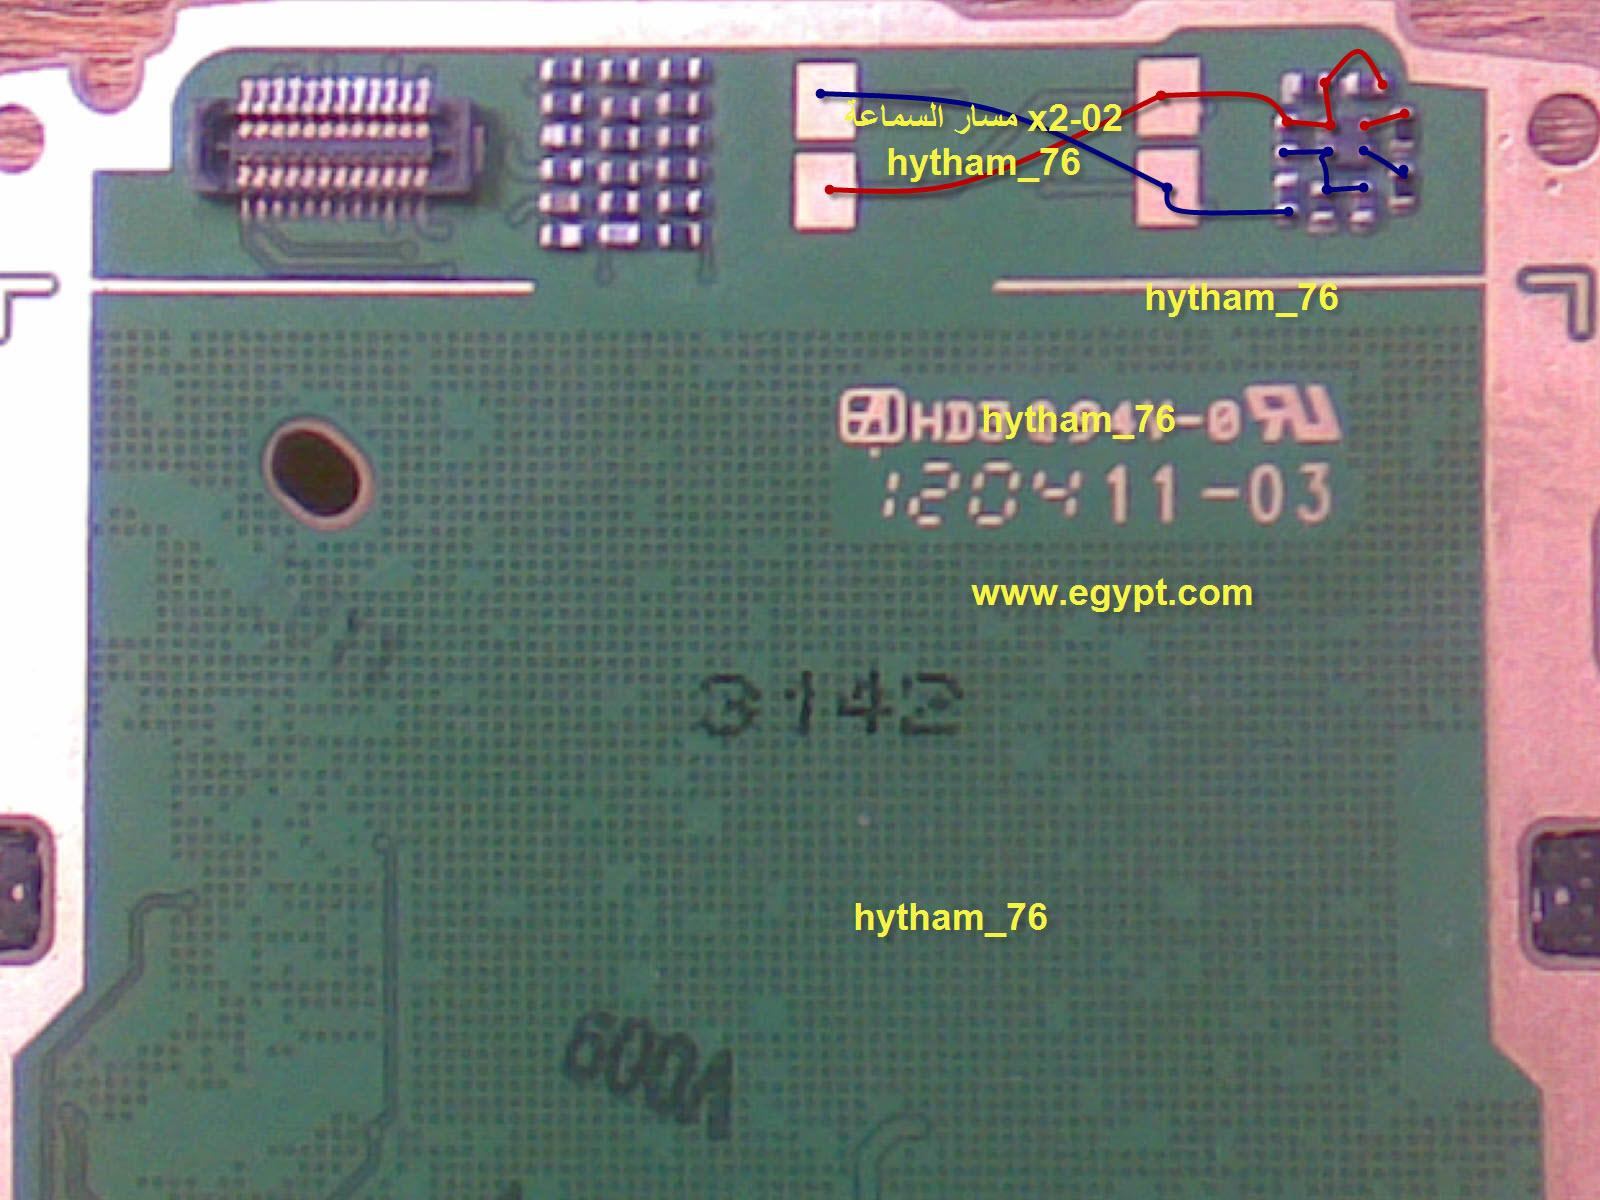 جميع اعطال جهاز x2-02 بالصور 82848929206308683111.jpg